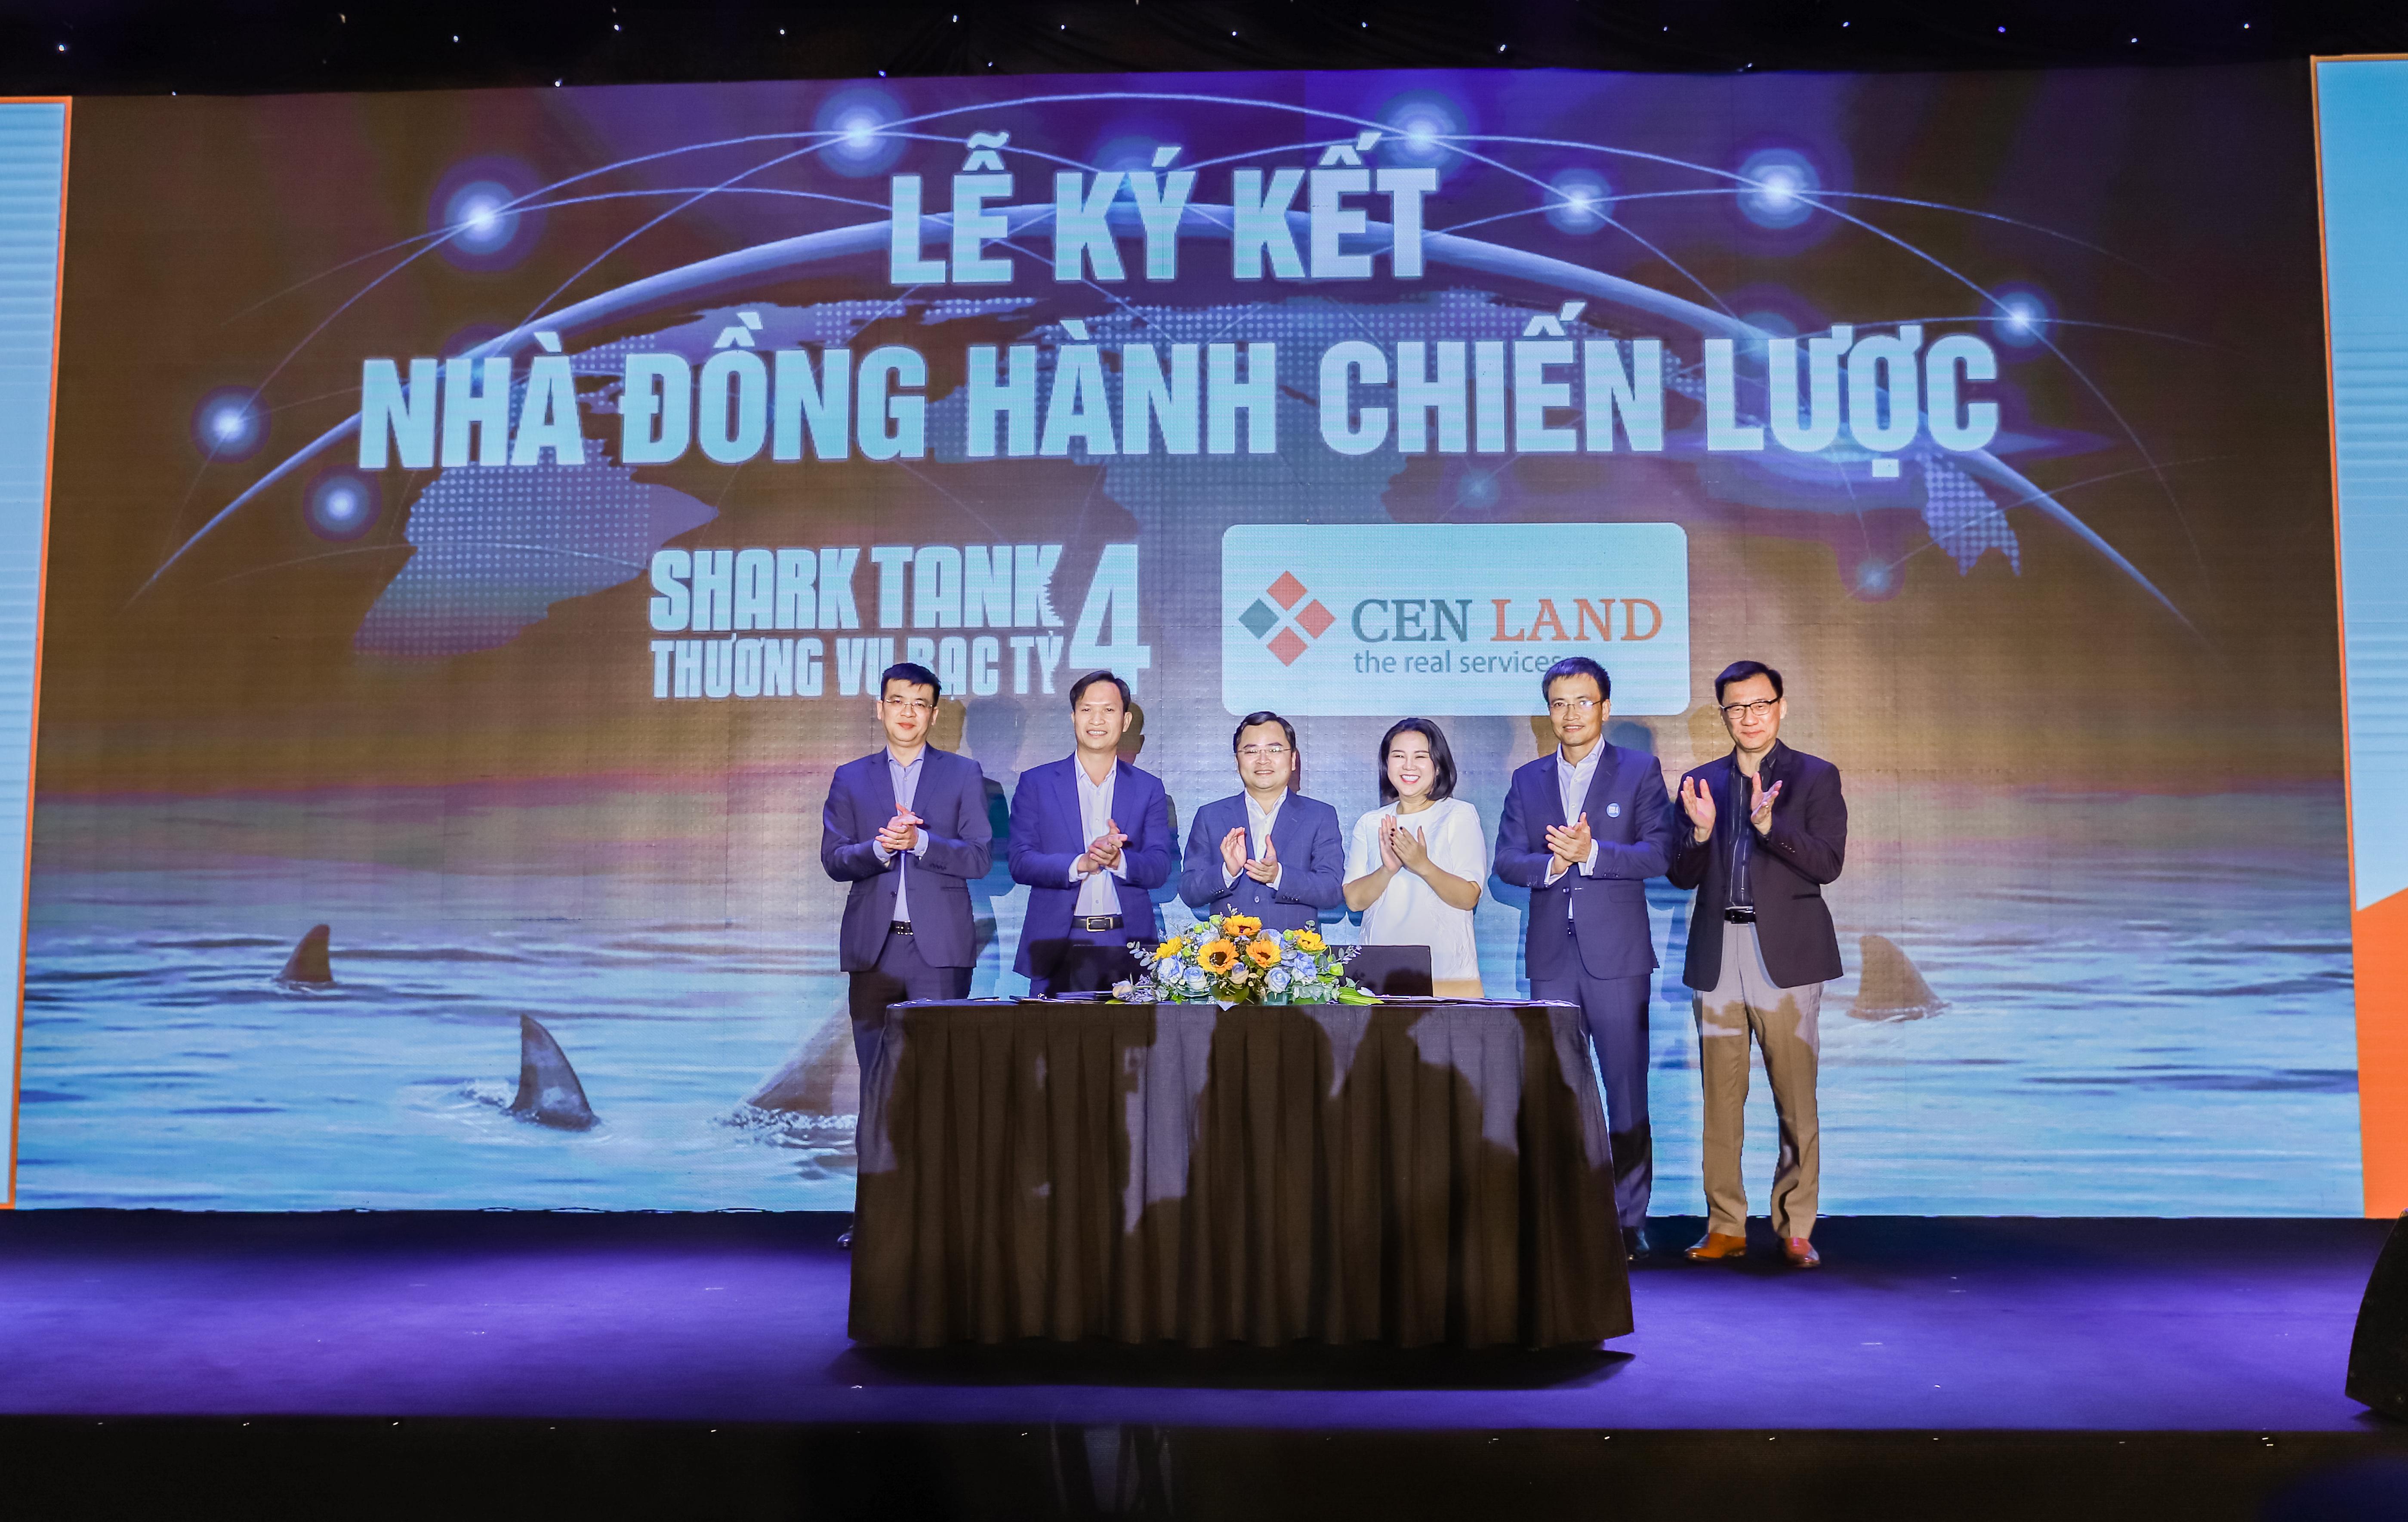 """Cen Land luôn cổ vũ và tiếp bước cho các doanh nhân trẻ Việt Nam, Cen Land đã chính thức đồng hành với Shark Tank – Thương Vụ Bạc Tỷ mùa 4 trong vai trò """"Nhà đồng hành chiến lược""""."""